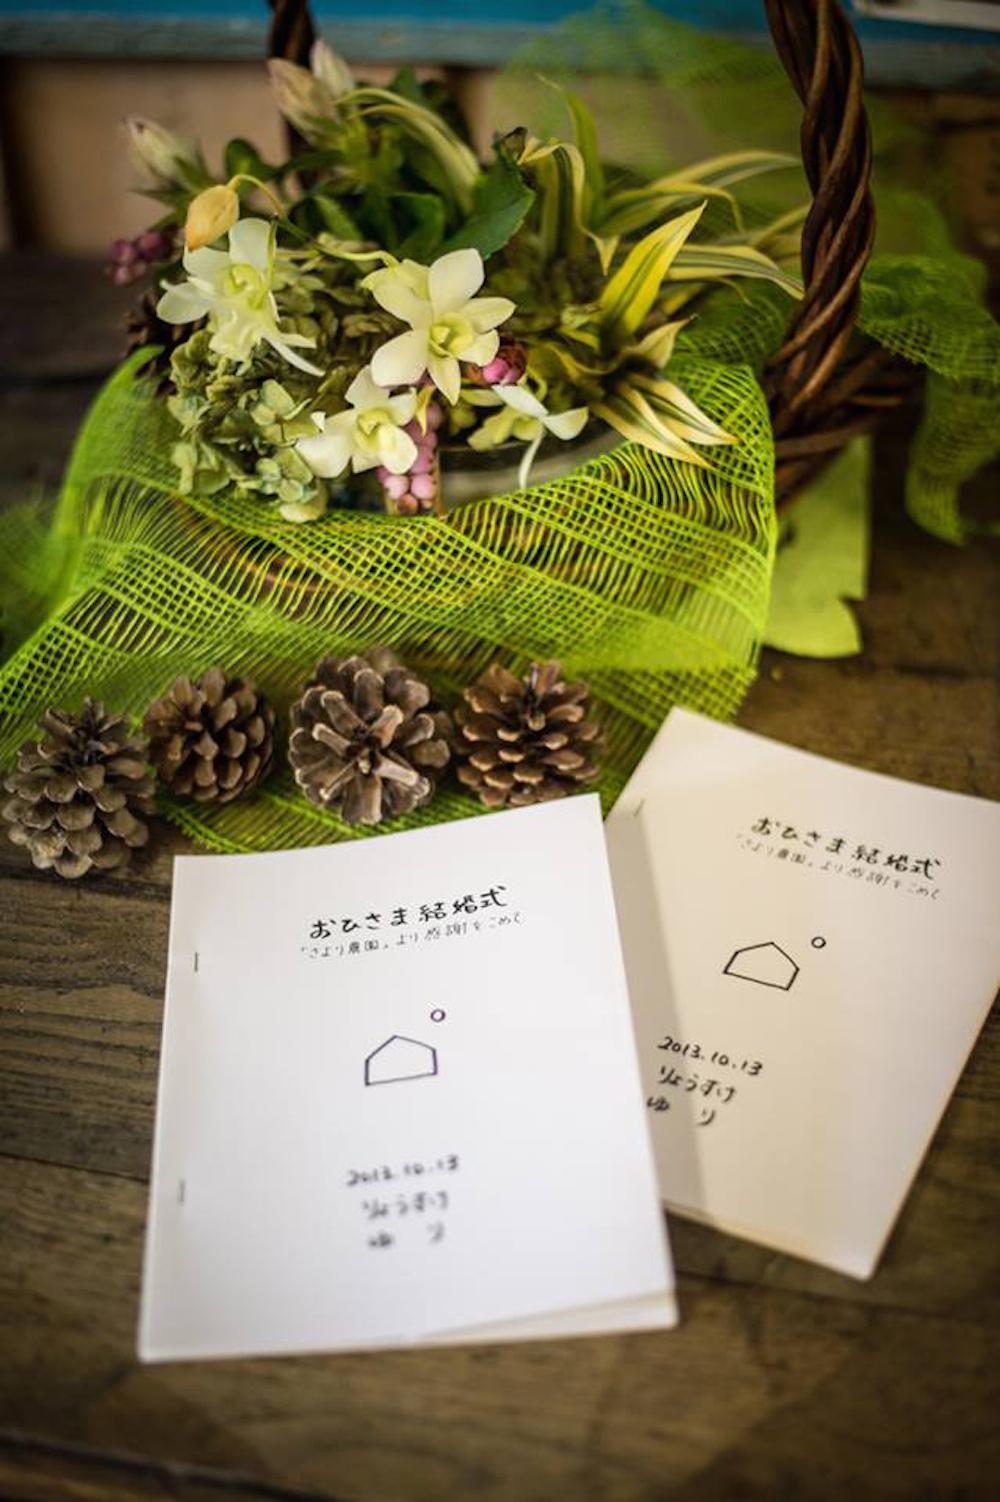 おひさま結婚式 〜みなさまの温かな笑顔に照らされて〜 「いい結婚式」のプランニングコンテスト Good Wedding Award 2014グランプリ10